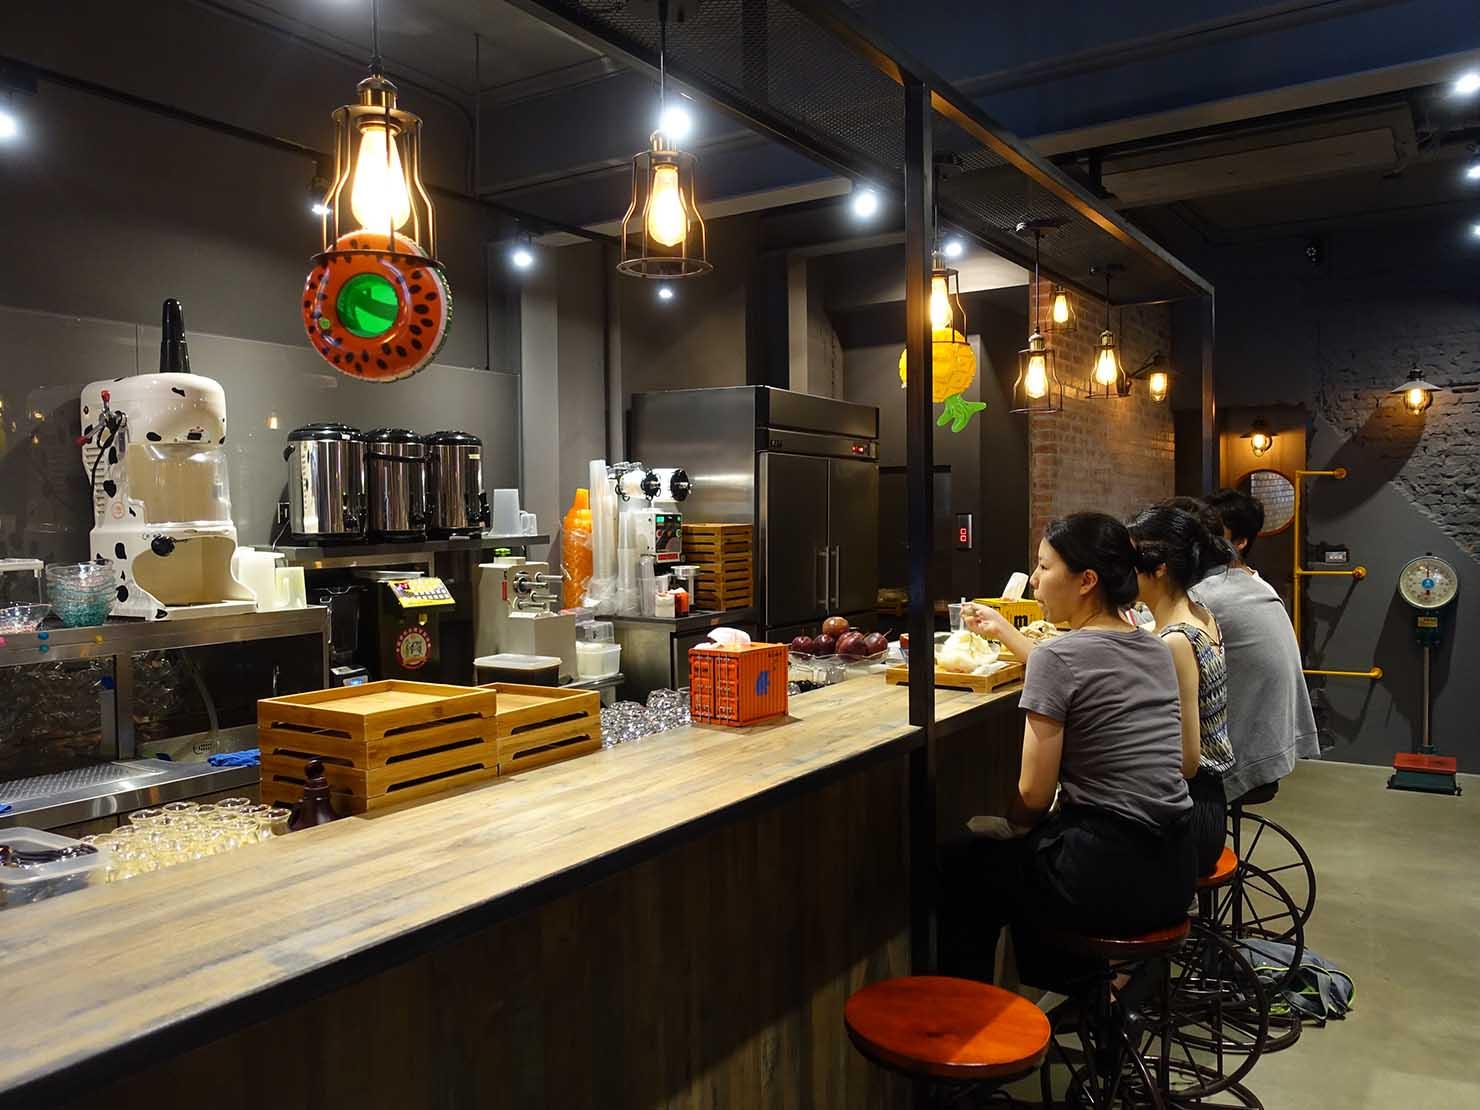 台北・公館にある美味しいマンゴーかき氷店「Mr.雪腐」の店内